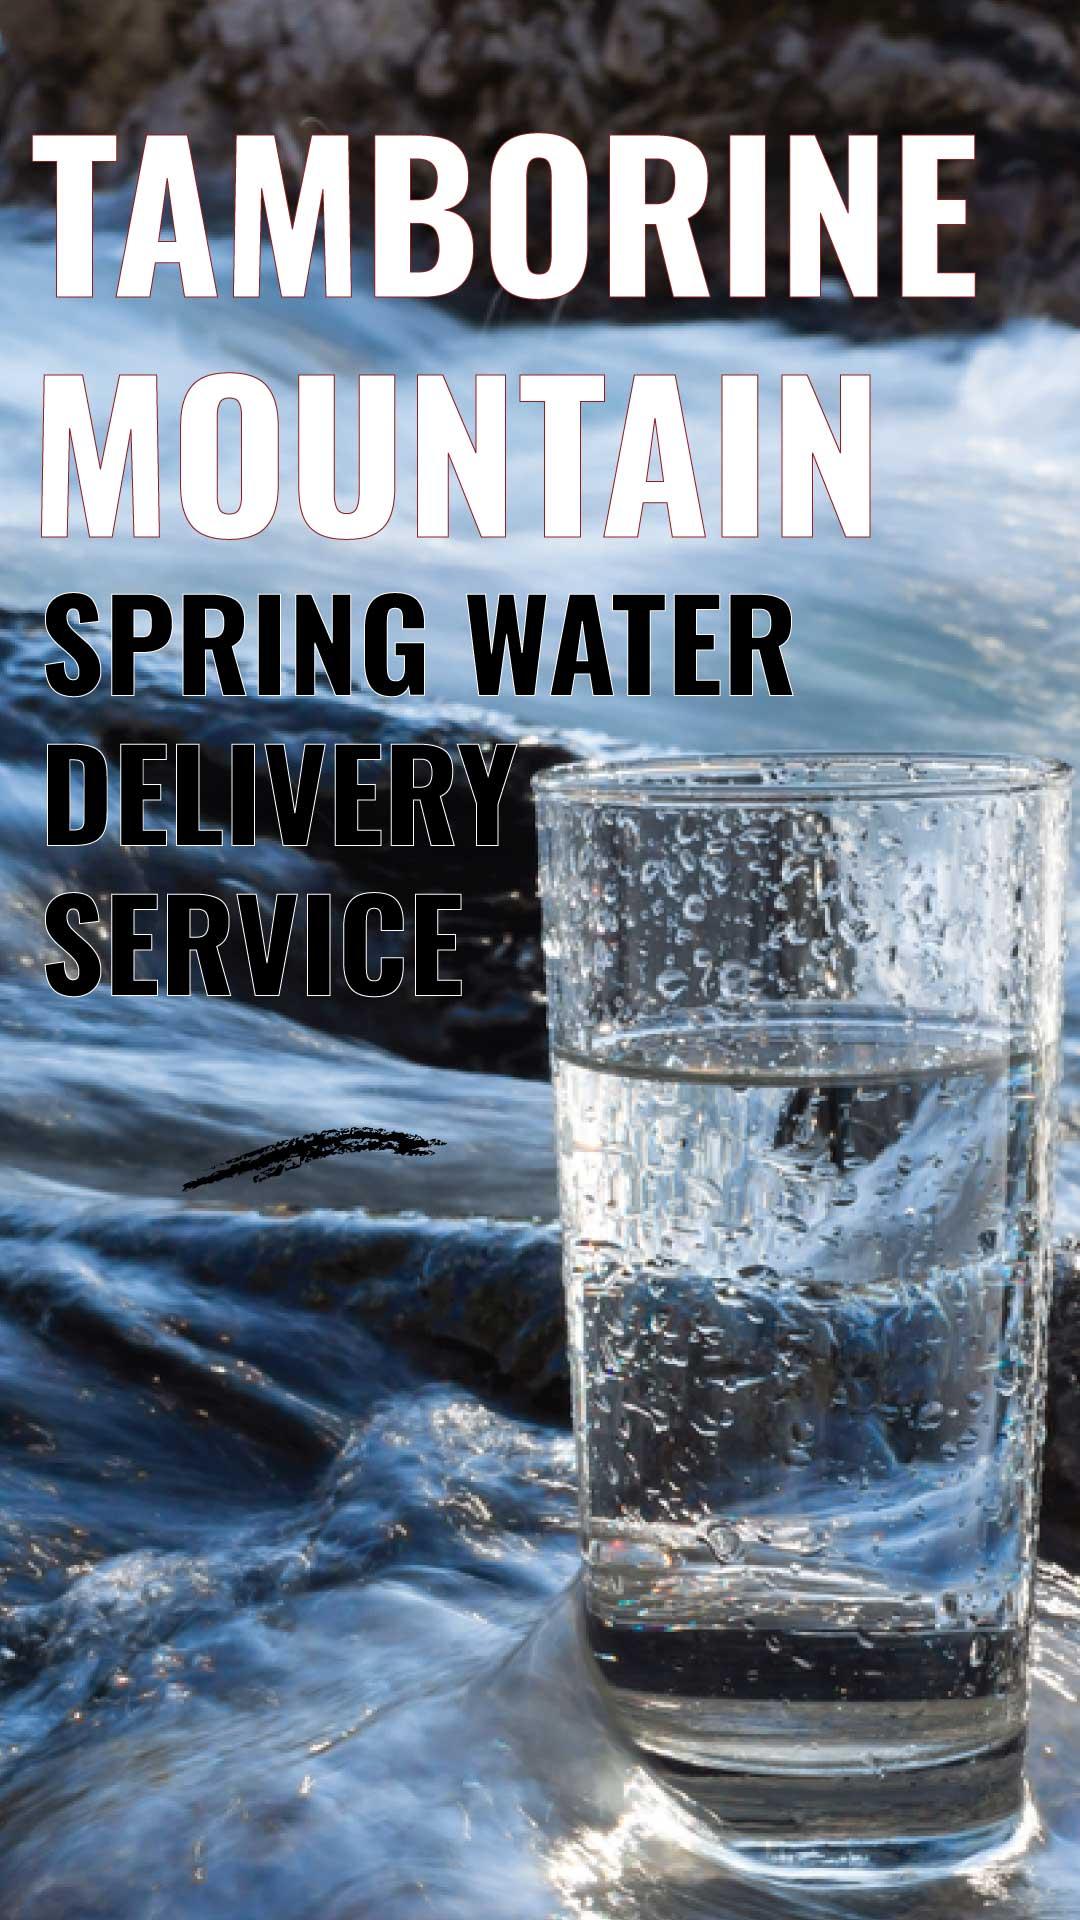 Tamborine Mountain Spring Water